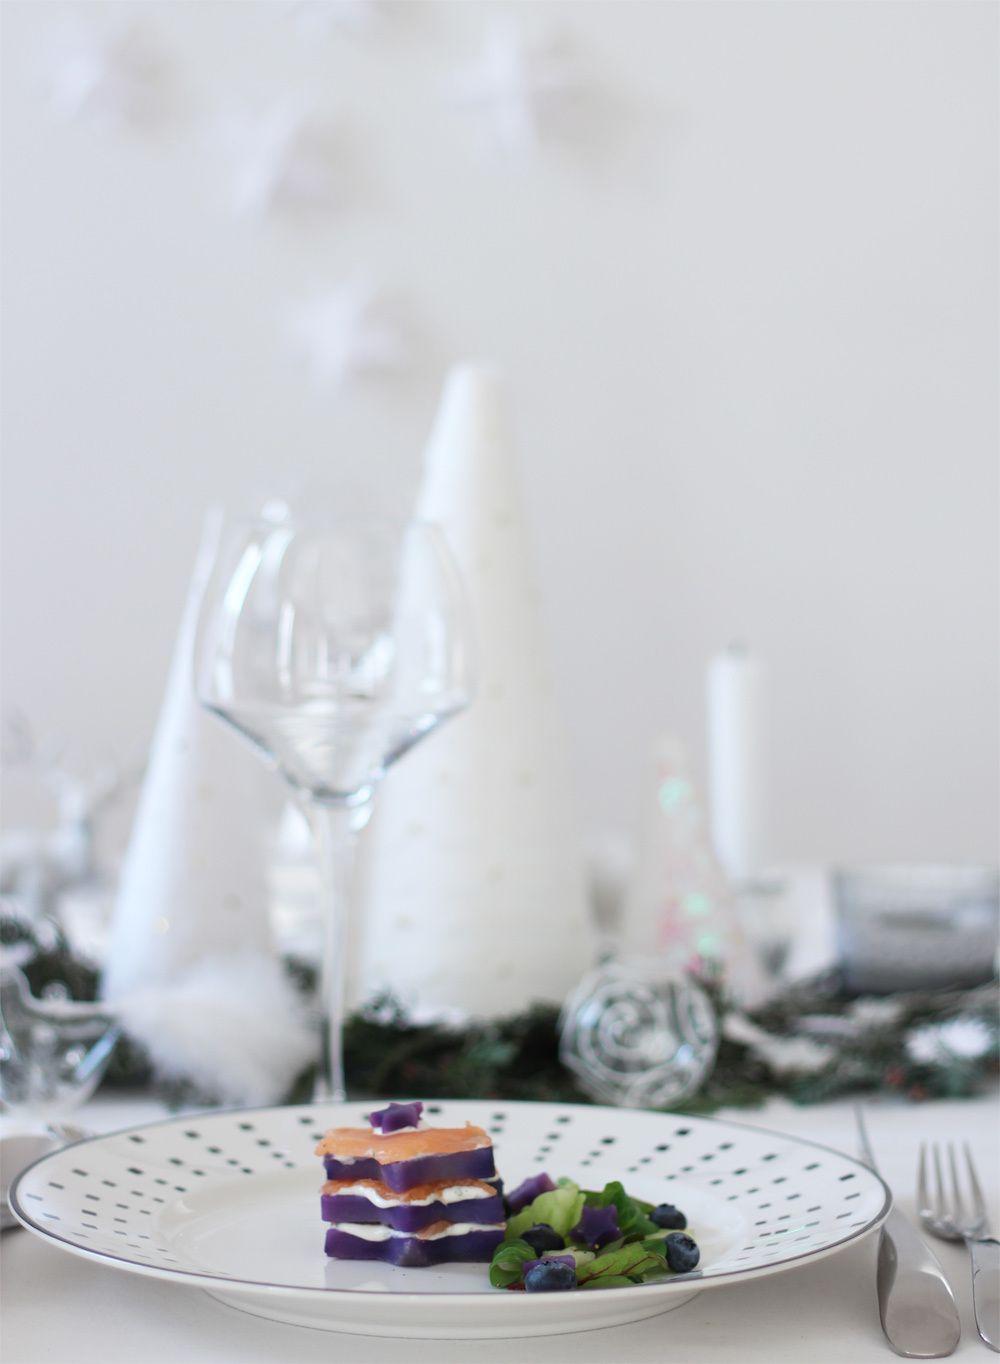 Table de réveillon chic en blanc et argent &amp&#x3B; son entrée raffinée pour le repas de fête